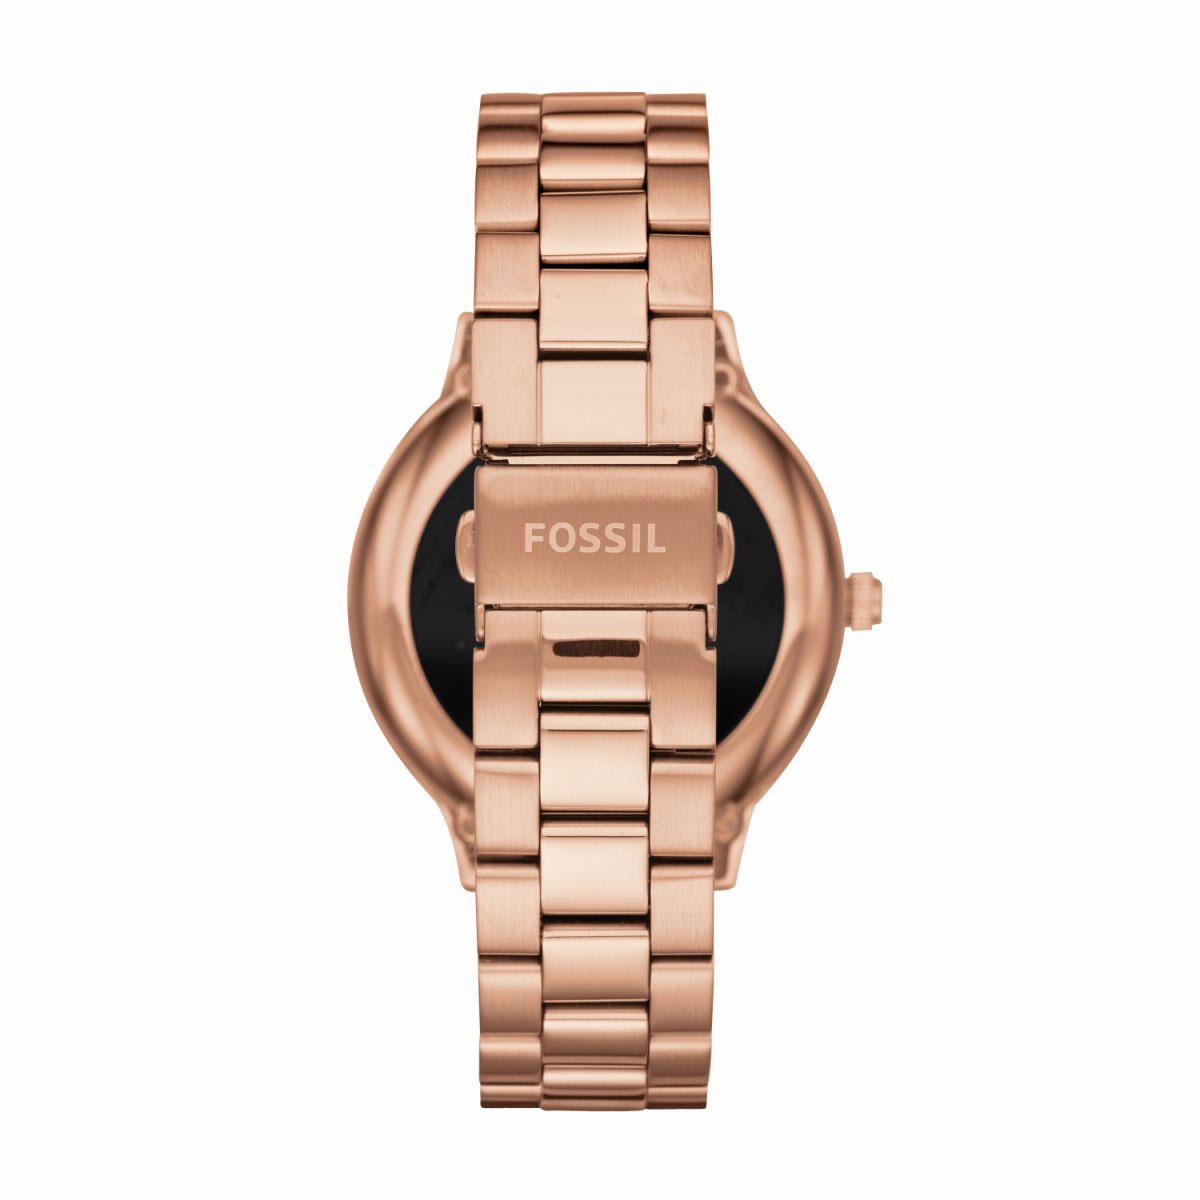 フォッシル FOSSIL Q スマートウォッチ ウェアラブル 腕時計 レディース ベンチャー Q VENTURE FTW6000